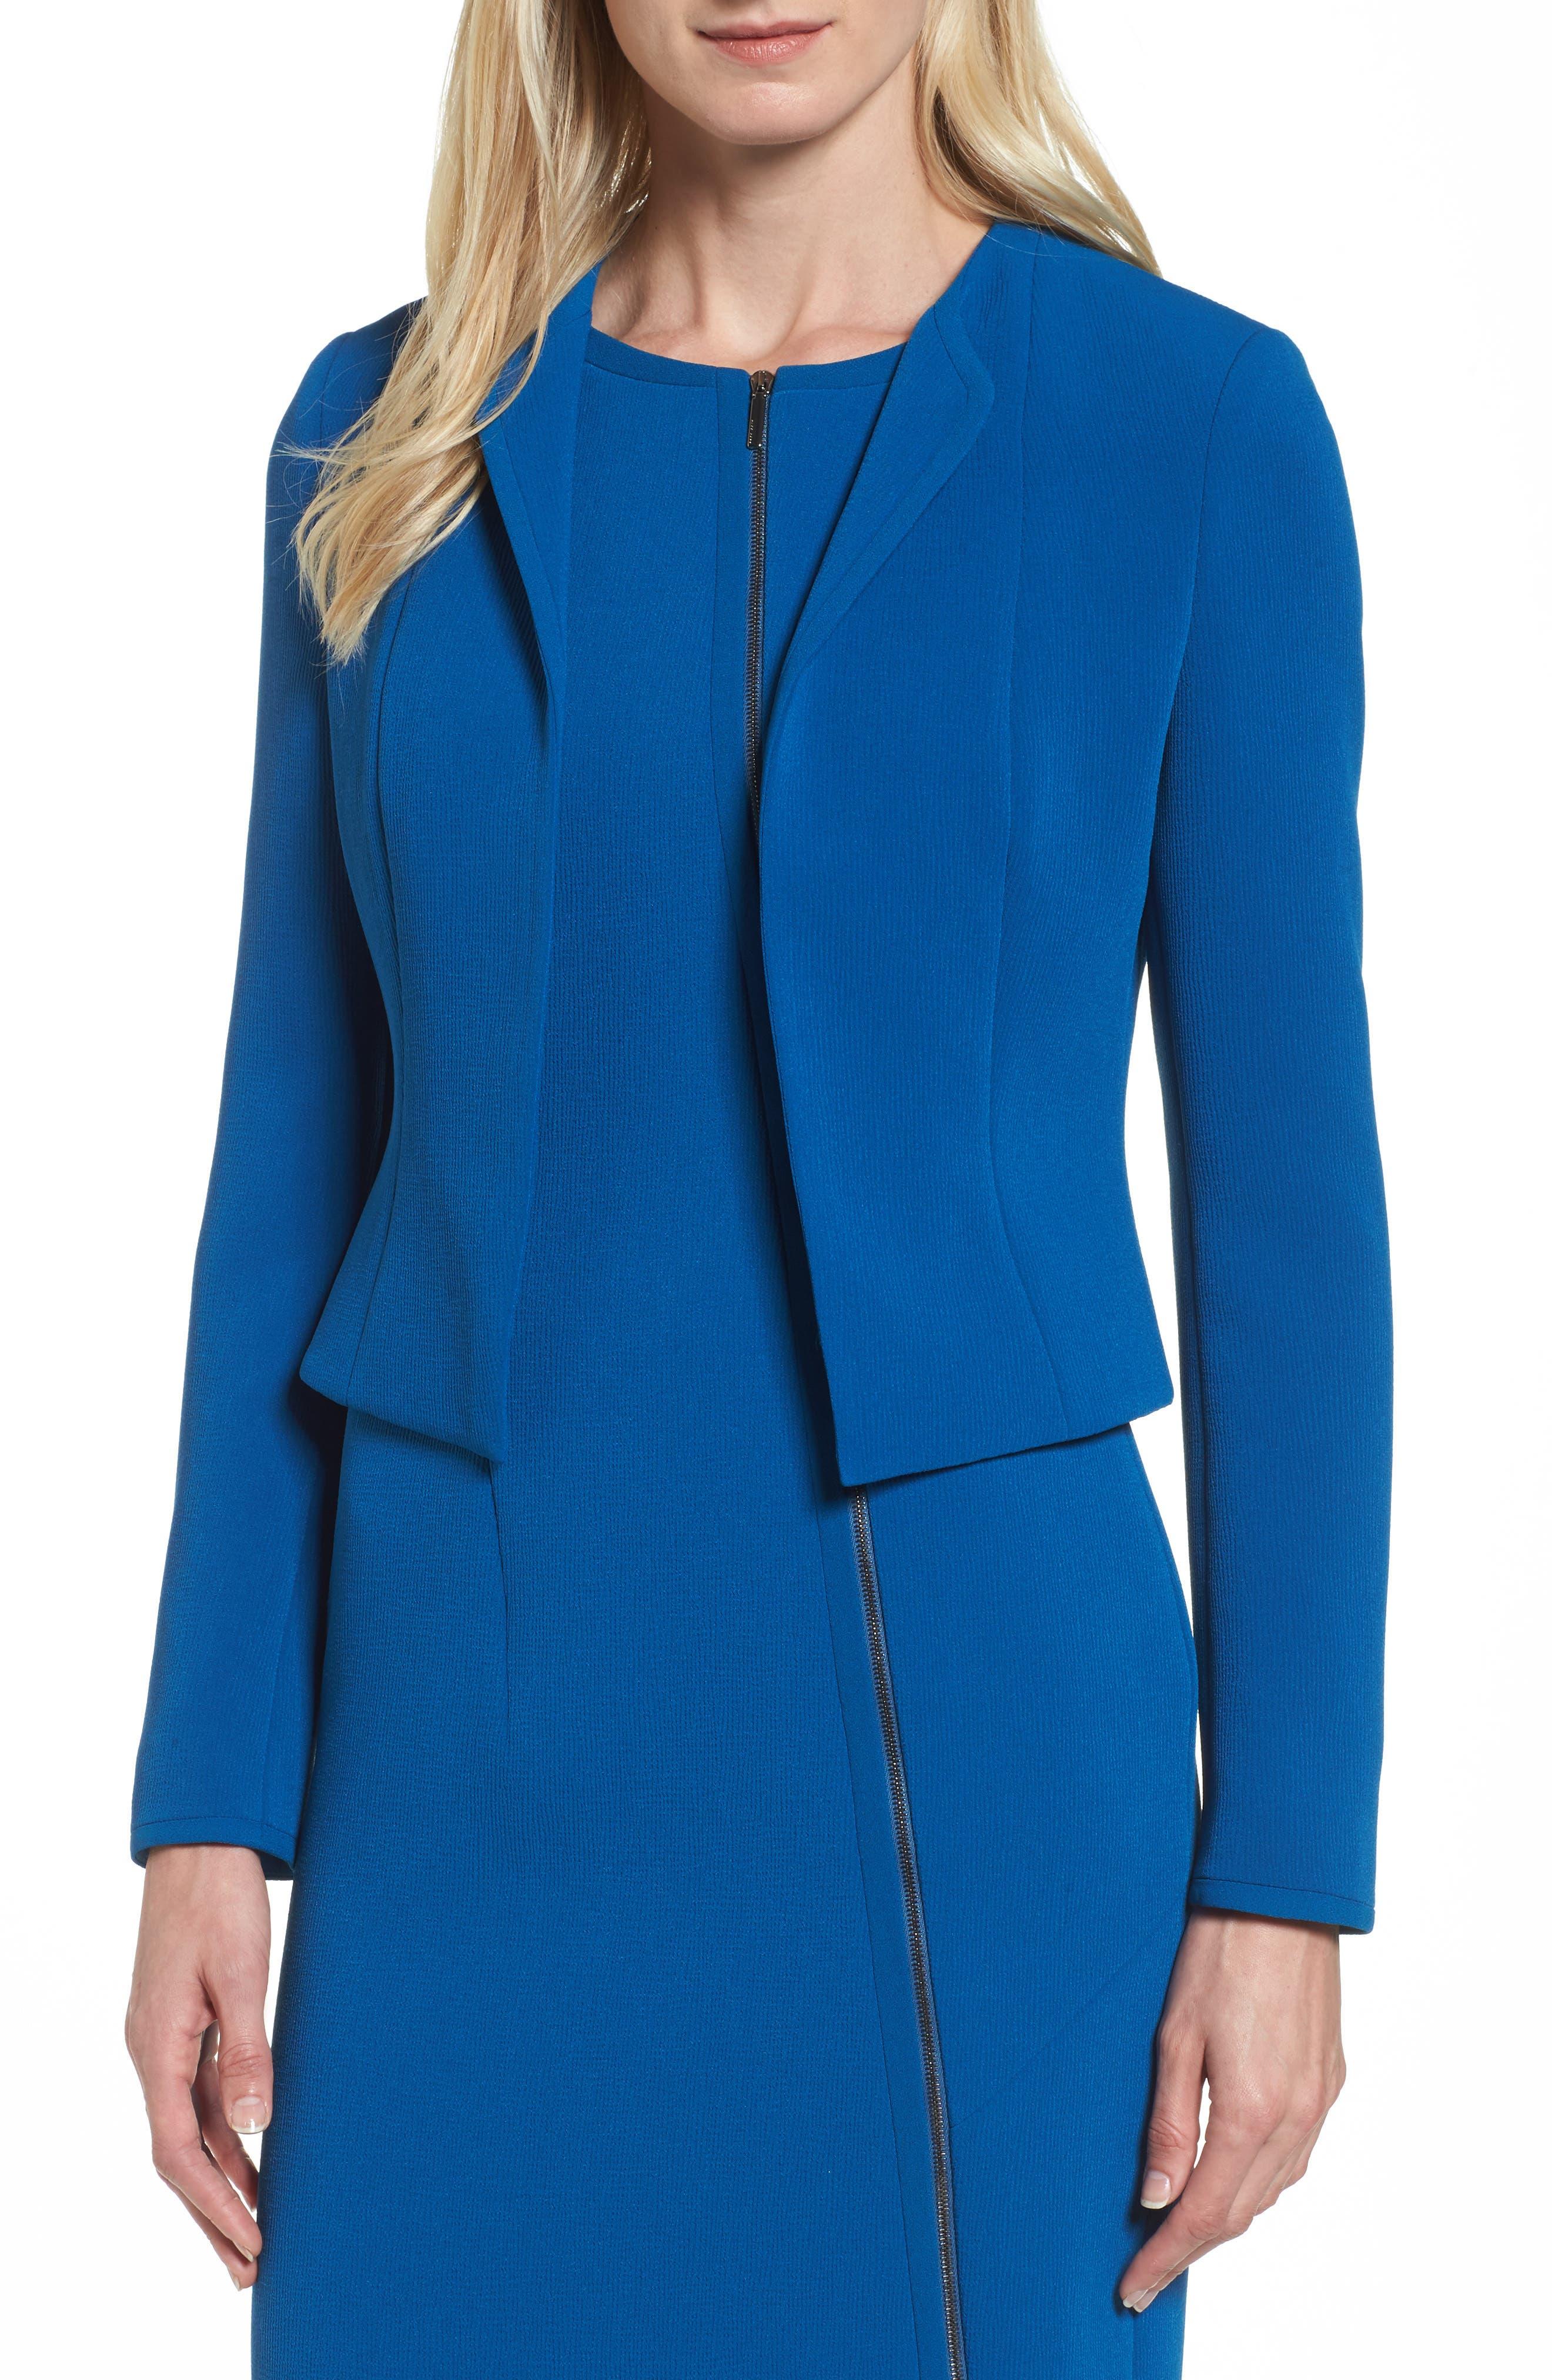 Jerusa Crop Suit Jacket,                         Main,                         color, Gentian Blue